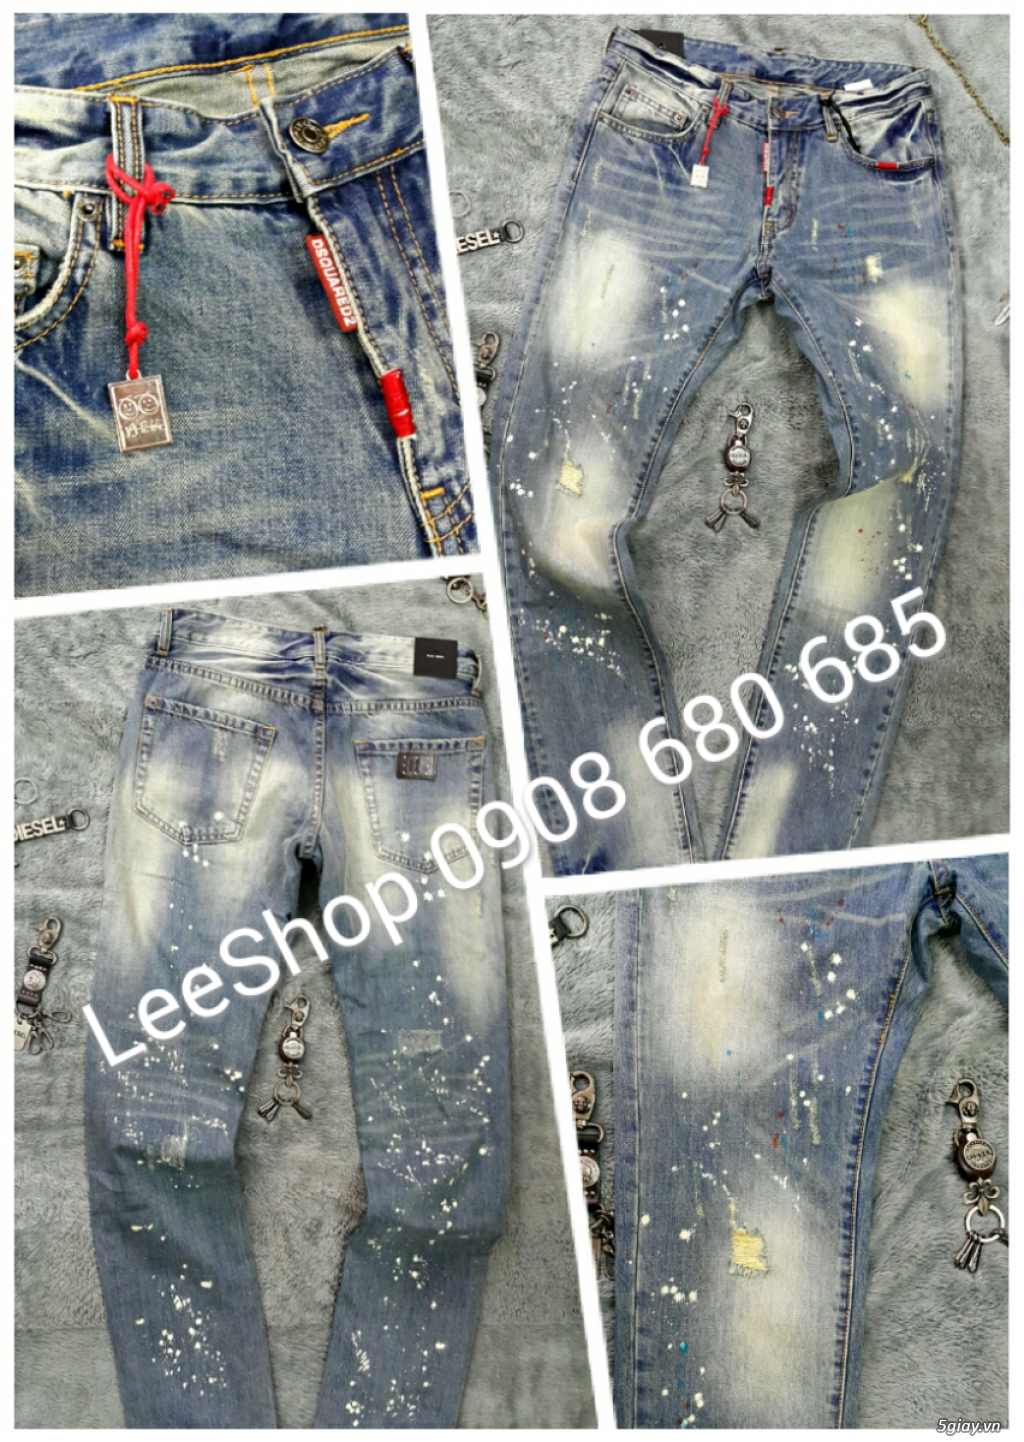 LeeShop_Chuyên quần áo thời trang - 33